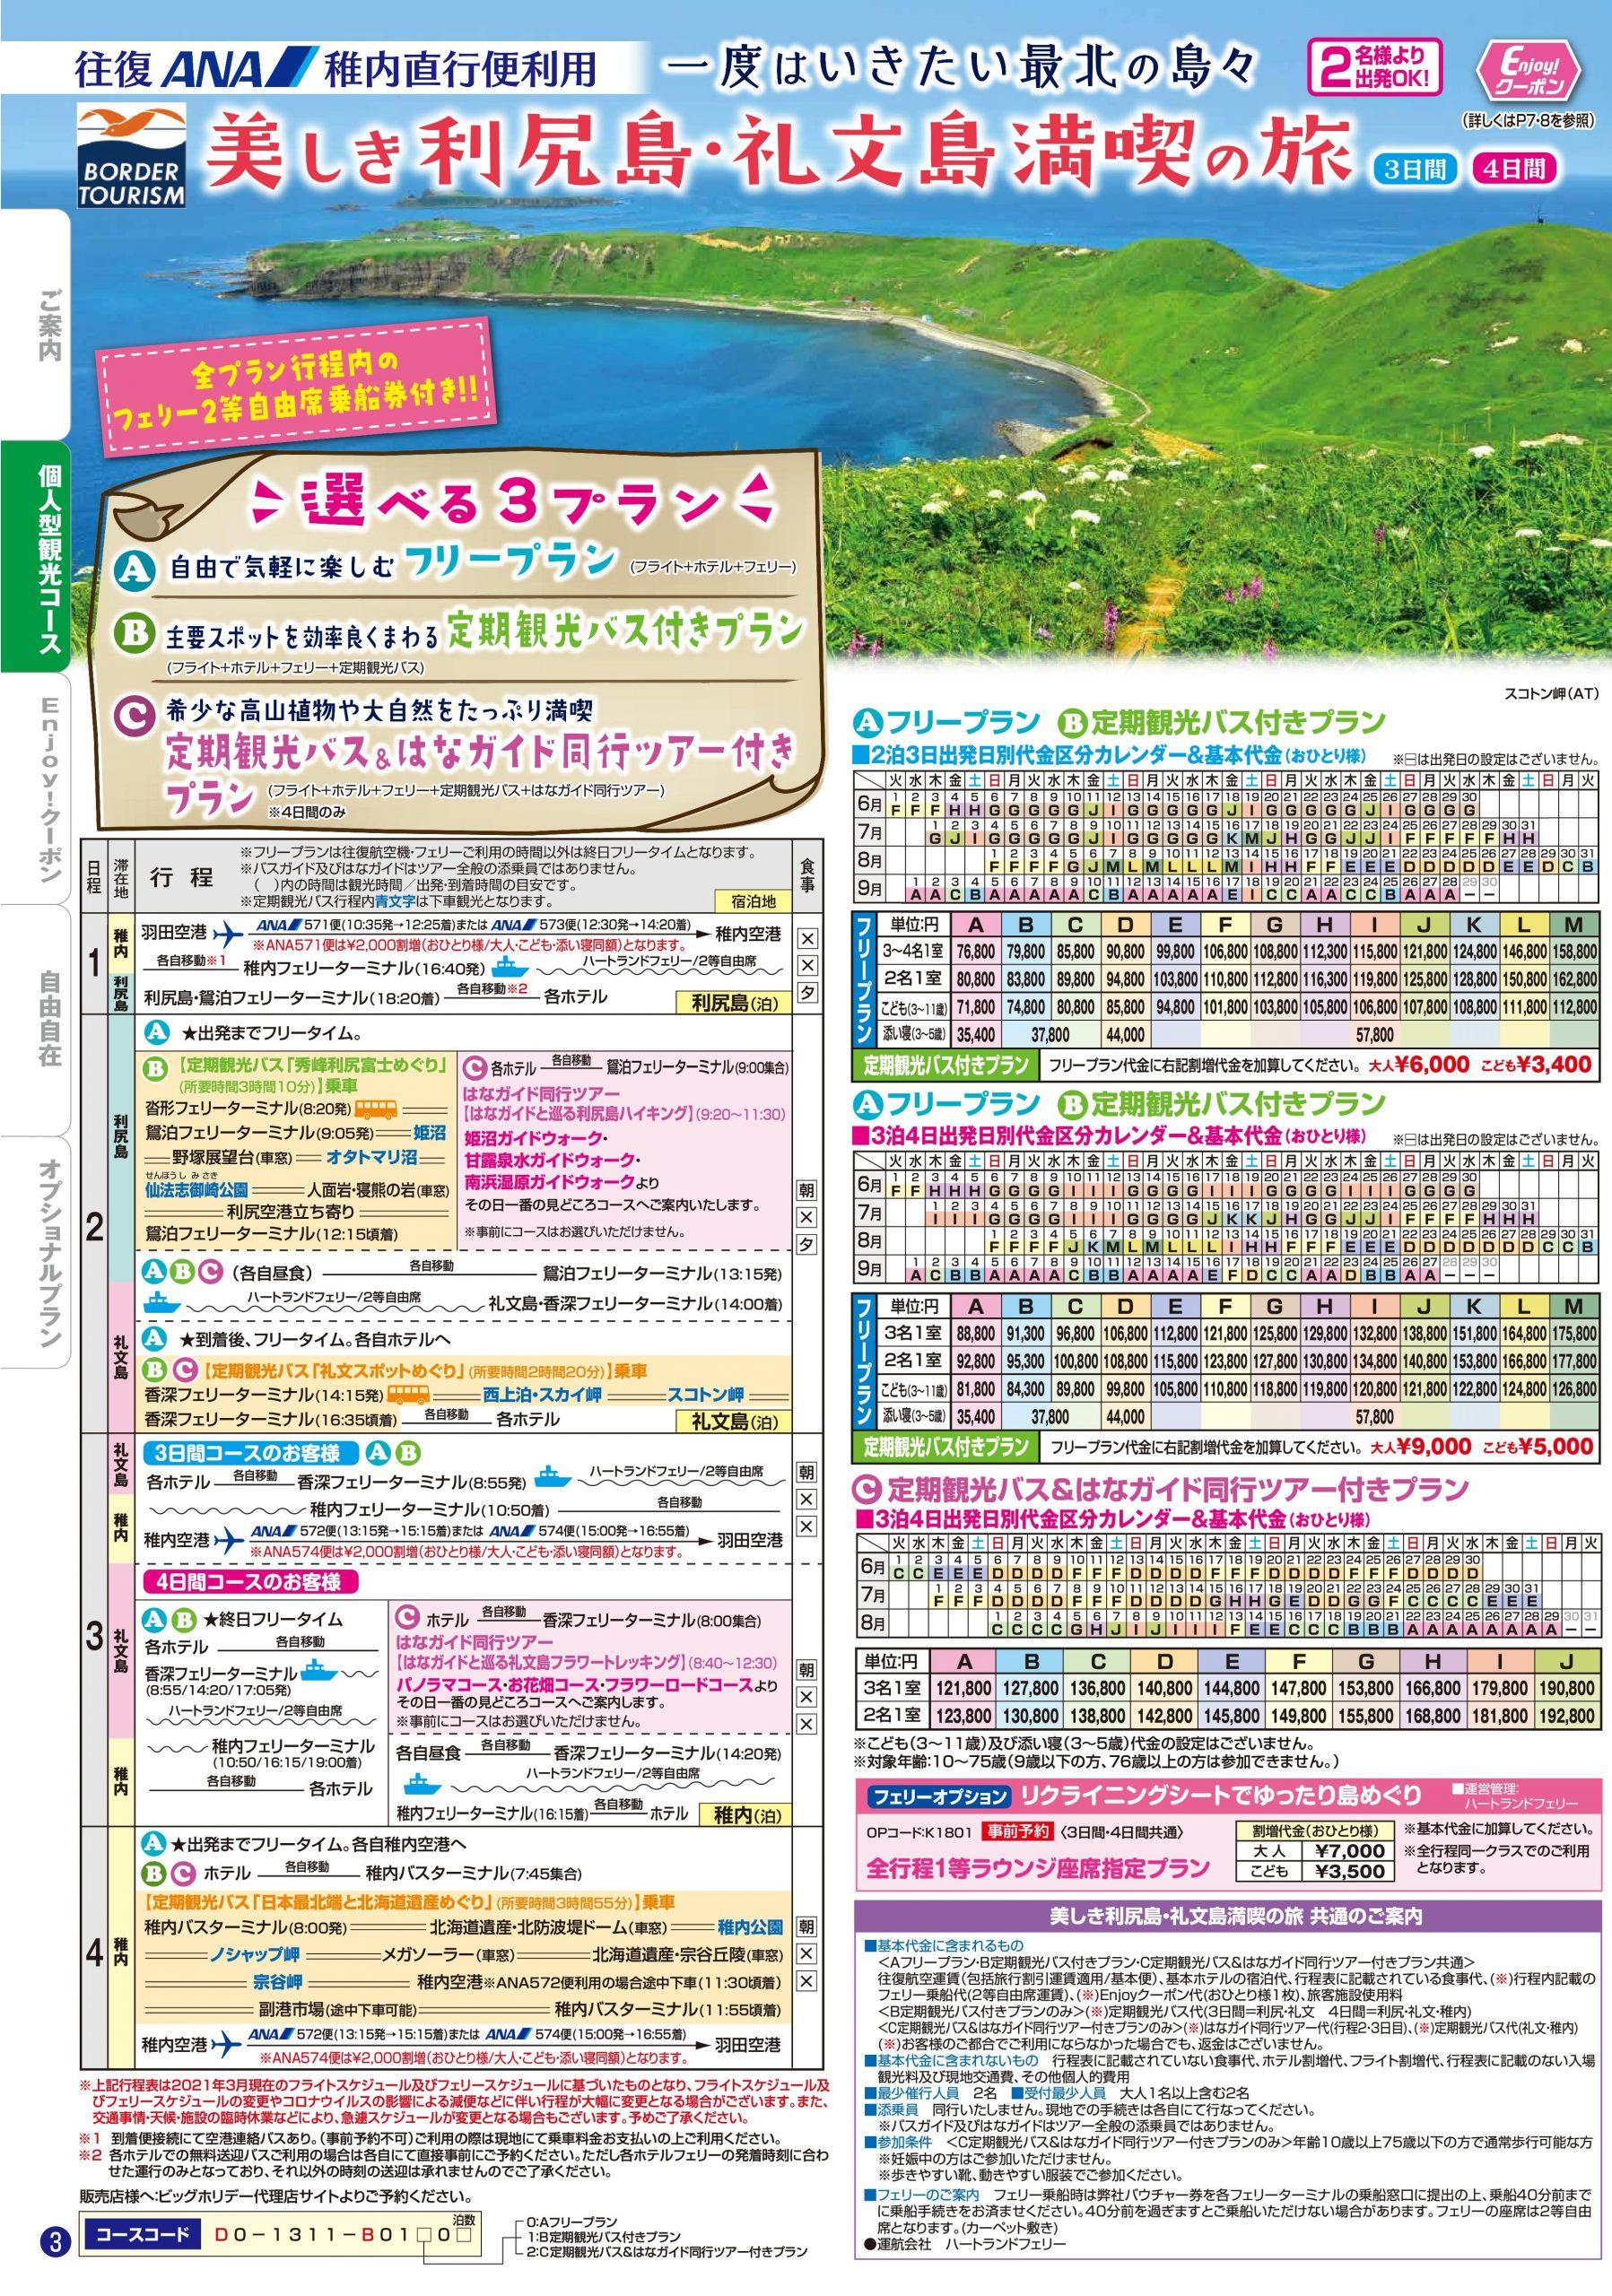 夏のおすすめツアー②北海道(利尻島・礼文島)